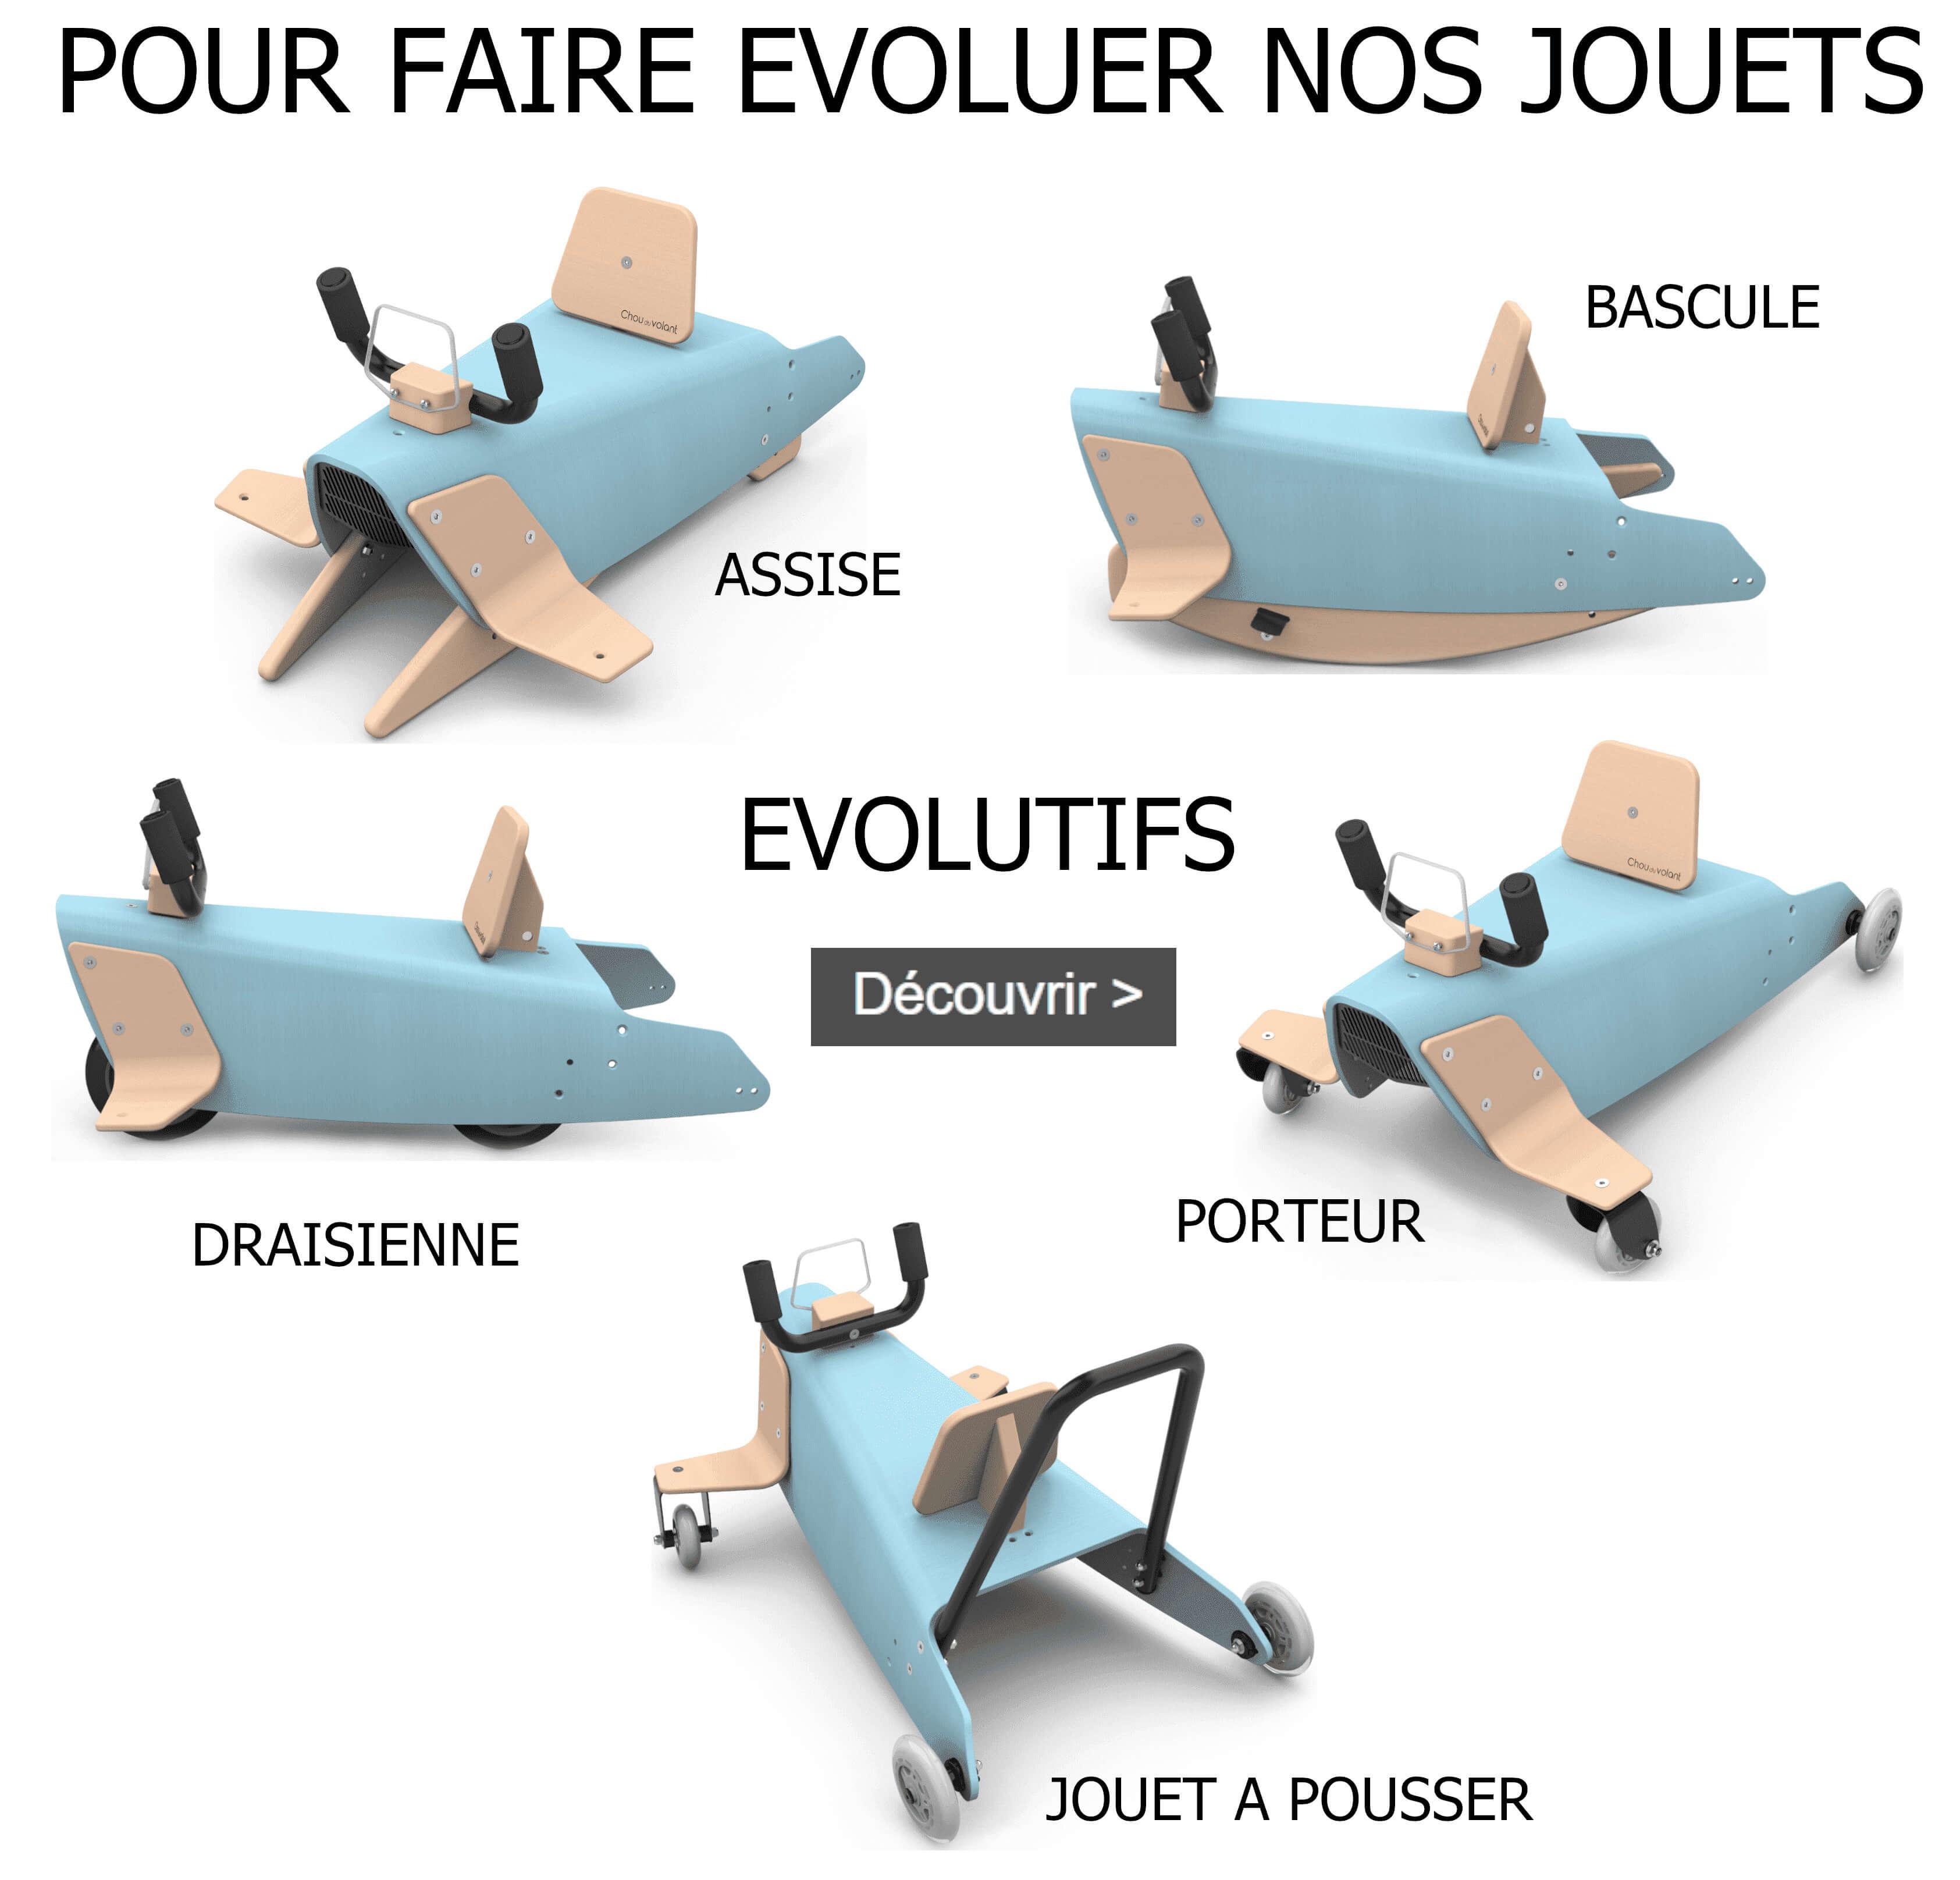 Pièces détachées pour bascules porteurs draisiennes made in France